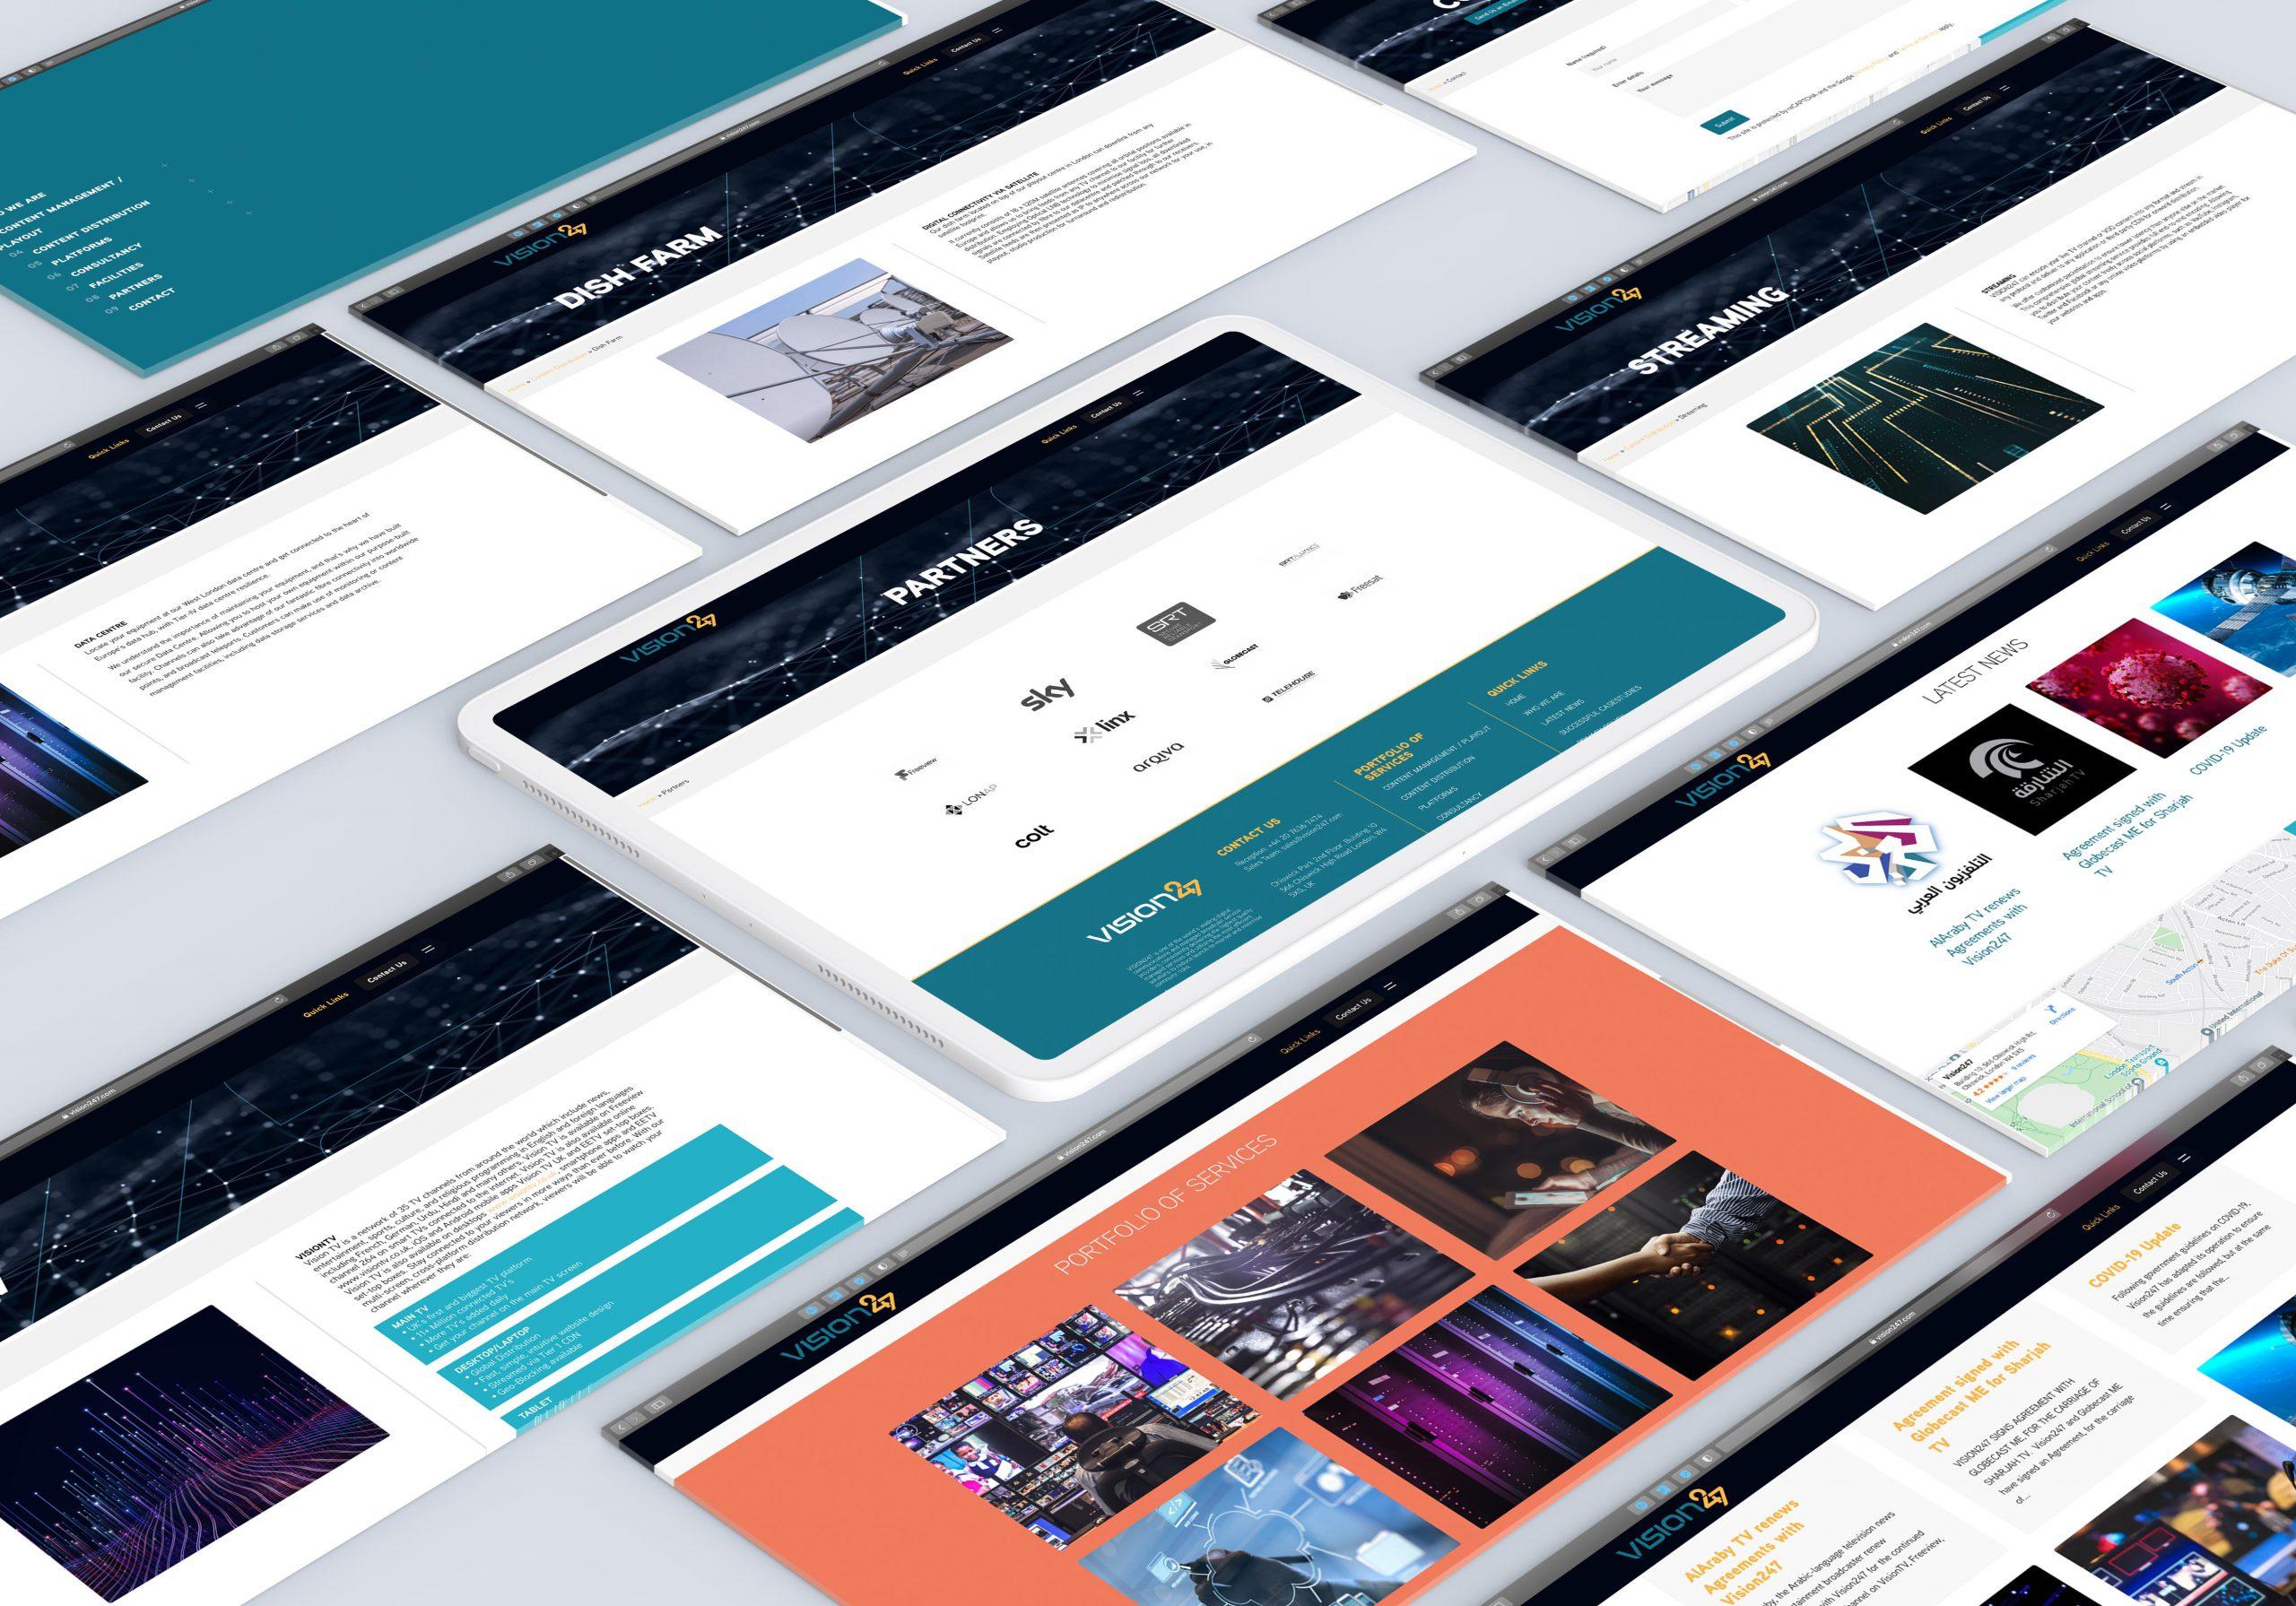 Vision247 website designed and developed by Devatium.com